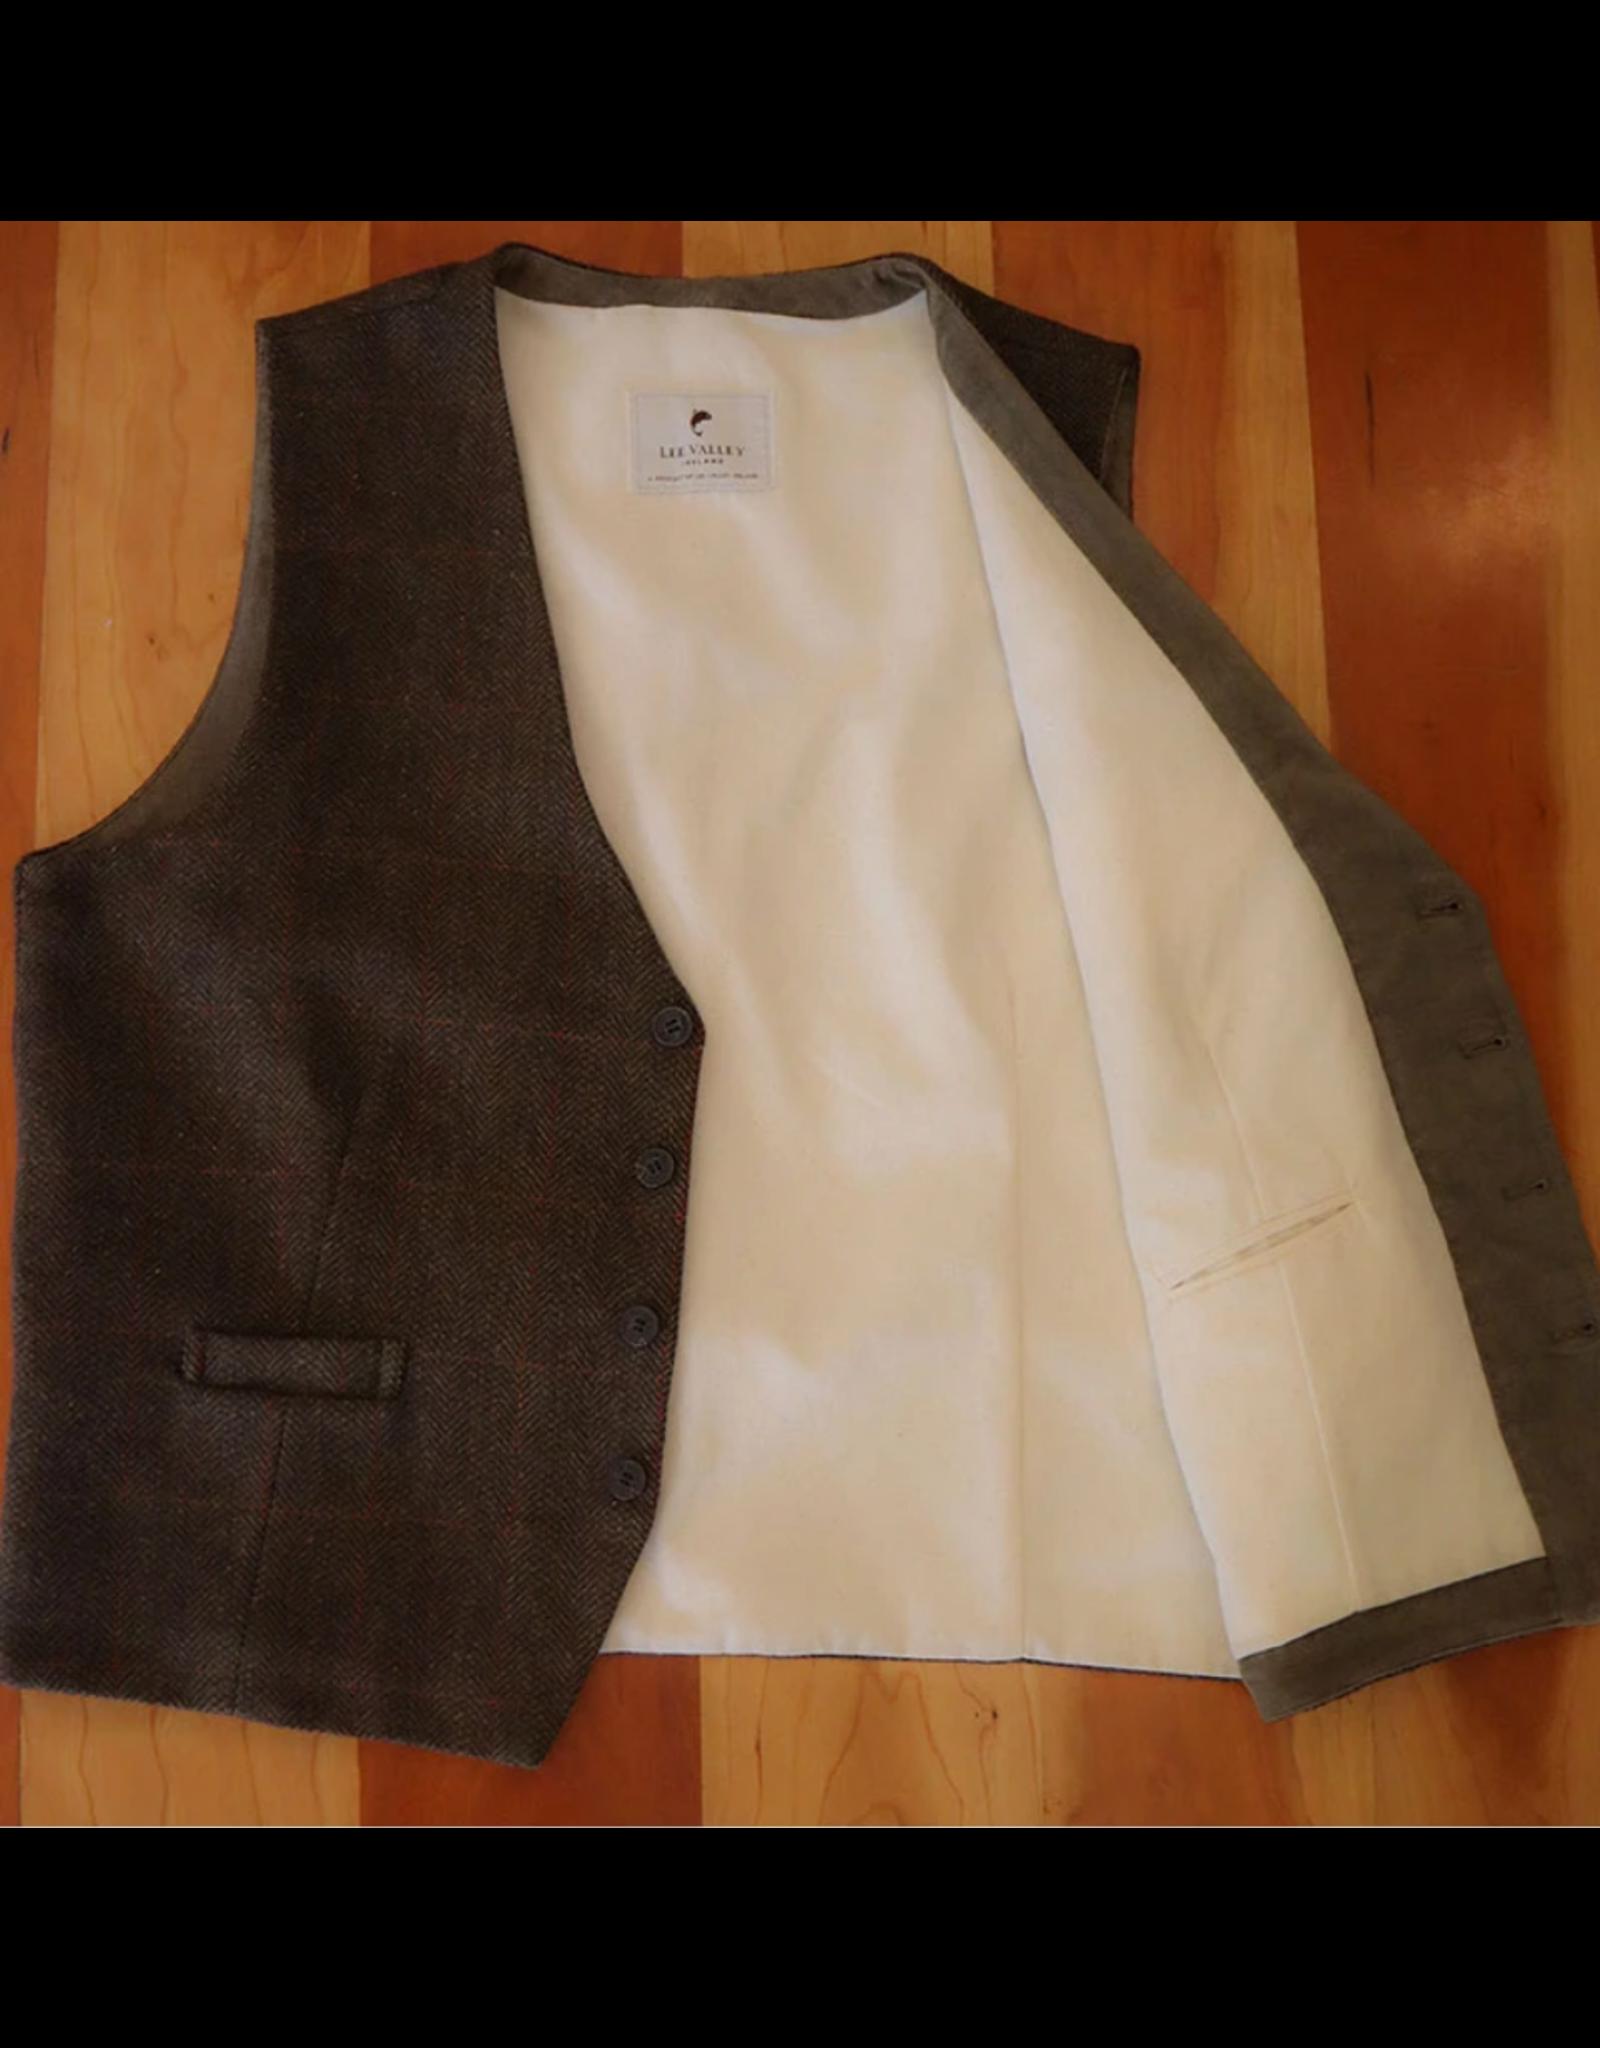 Lee Valley Ireland Durrow Tweed Vest